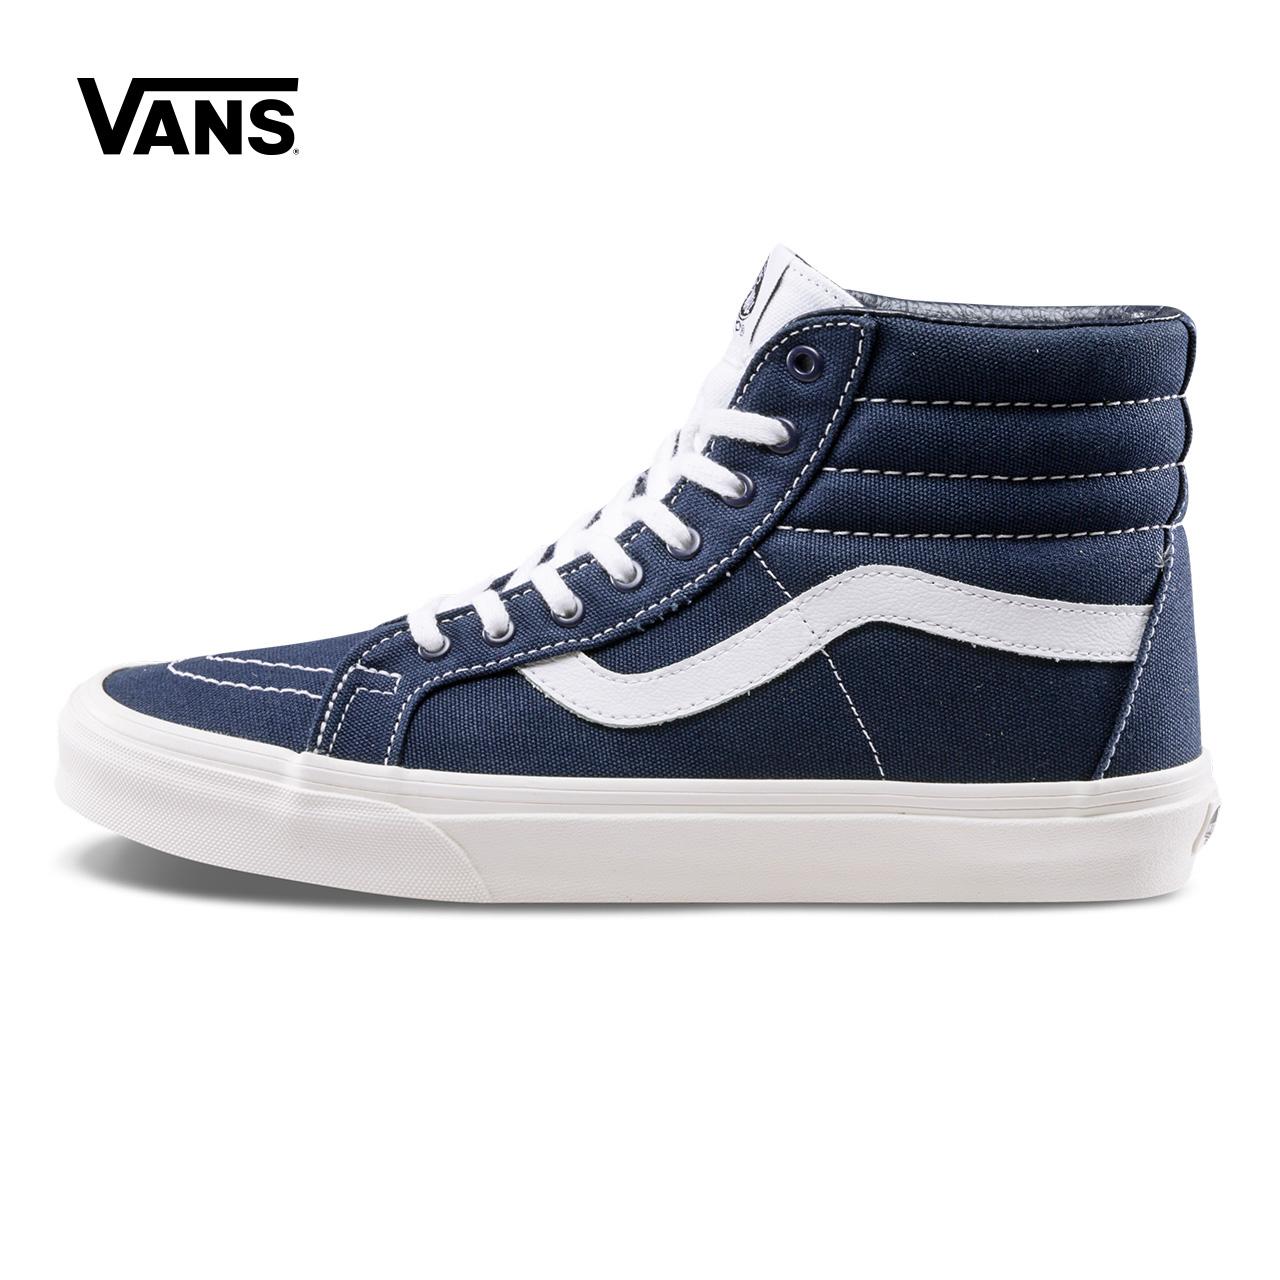 Vans 范斯官方男女款SK8-HI板鞋|VN000ZA0F64